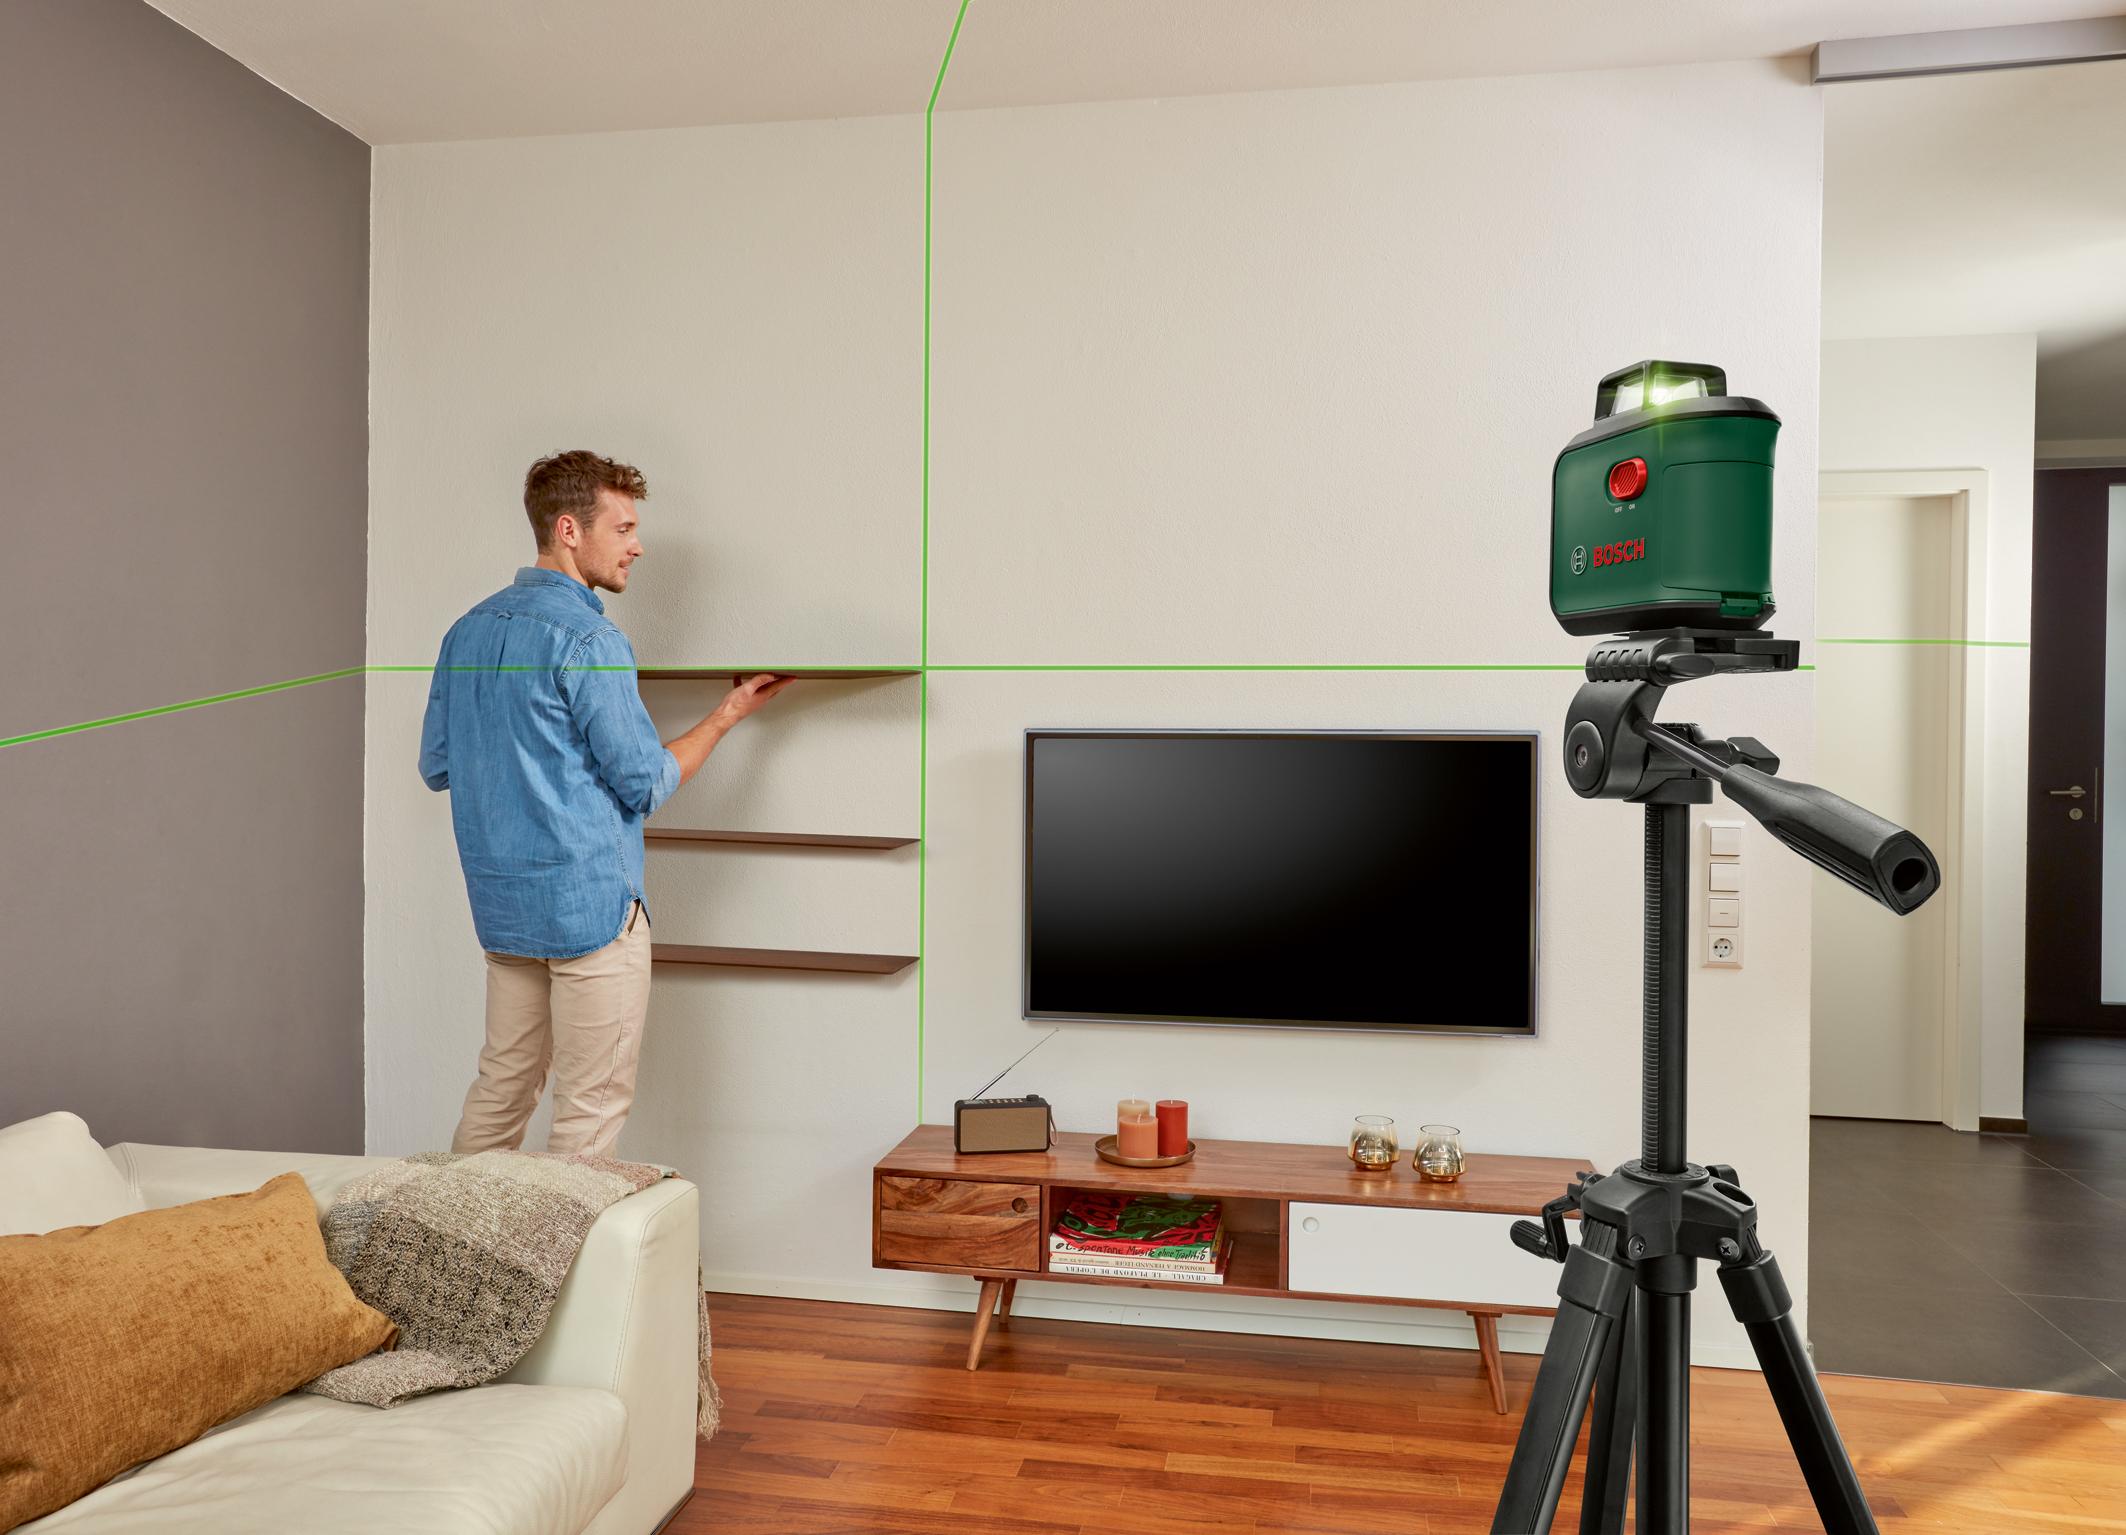 Všestranný pomocník: AdvancedLevel 360 od firmy Bosch pro kutily